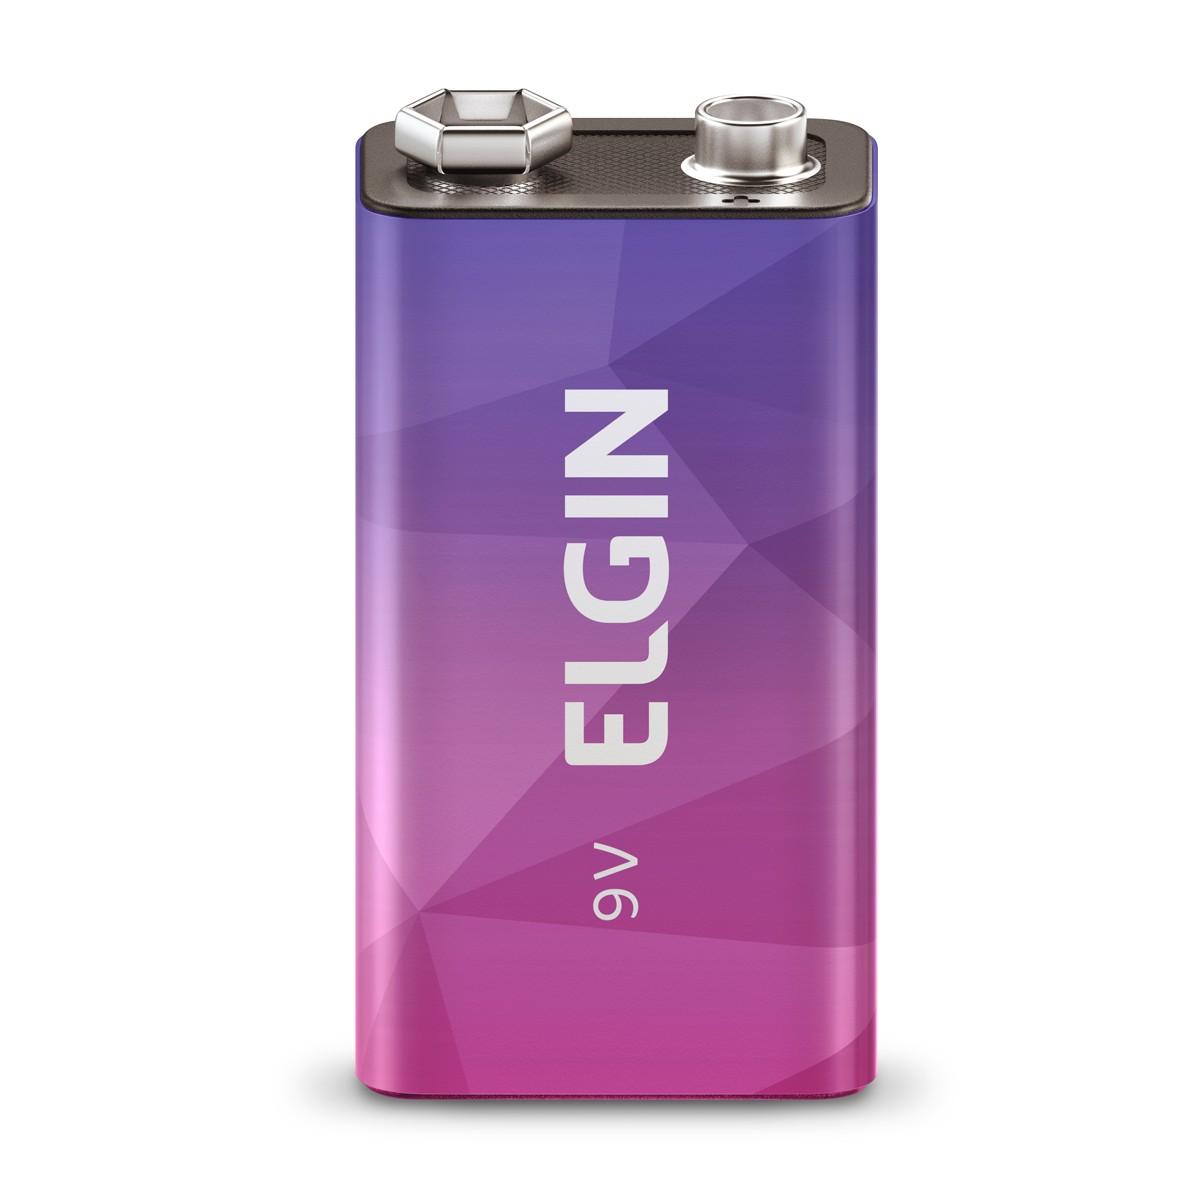 08 Baterias ELGIN 9V 250mAh Recarregável Alcalina 8 cartelas